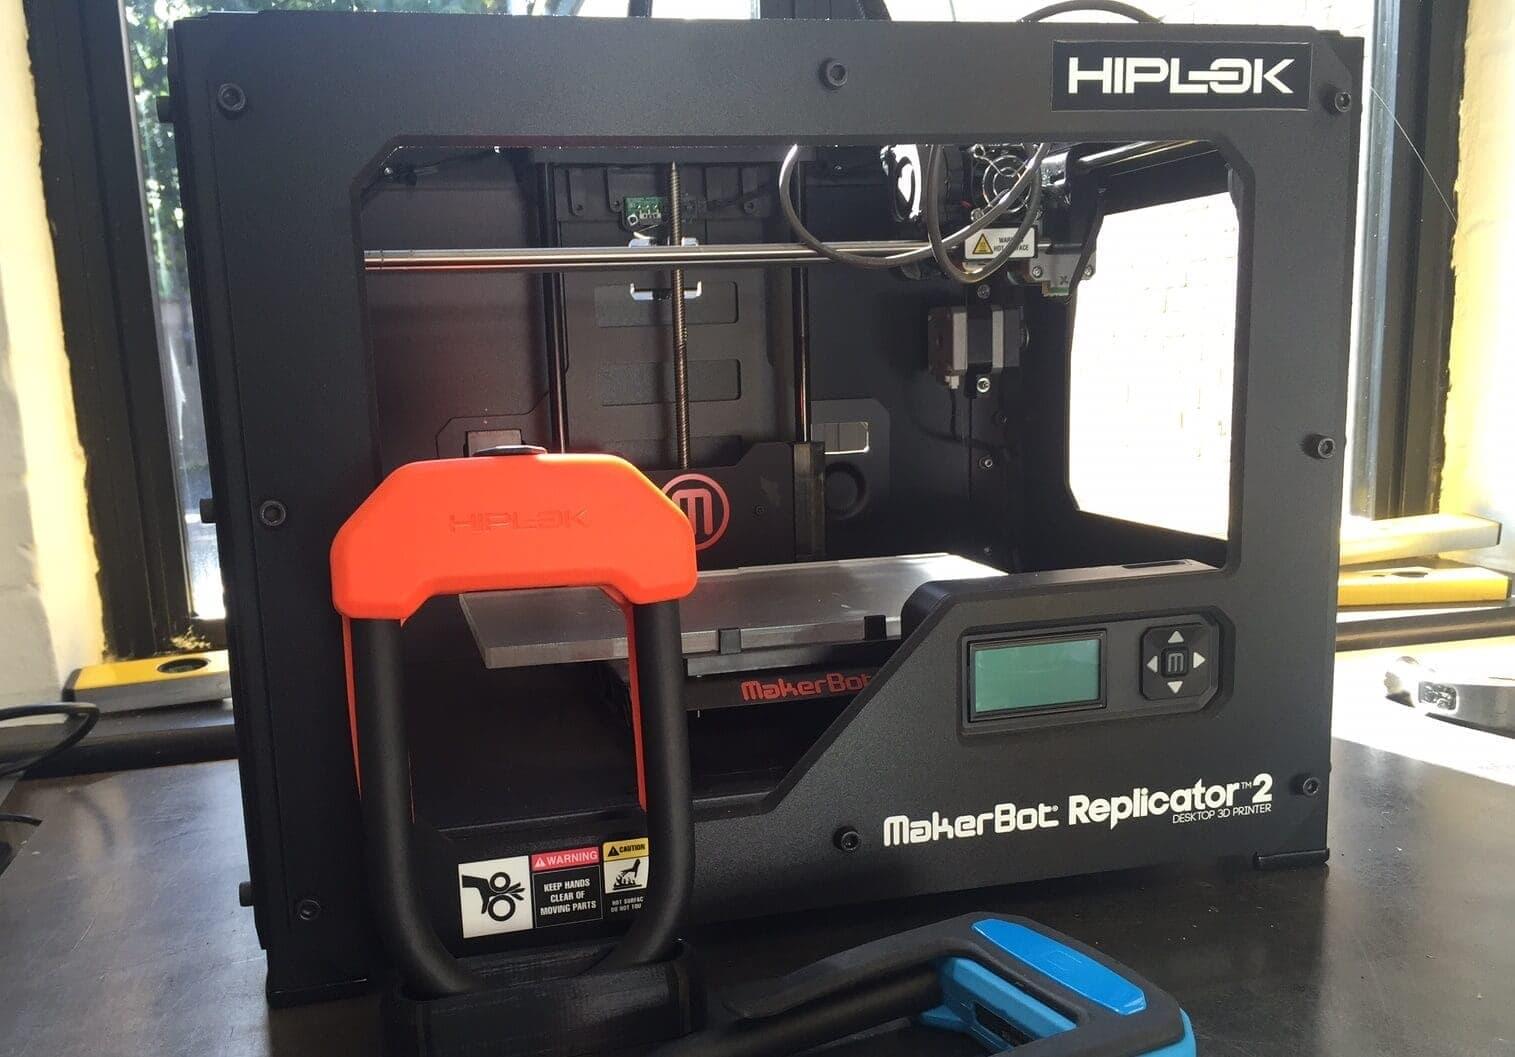 maker-bot